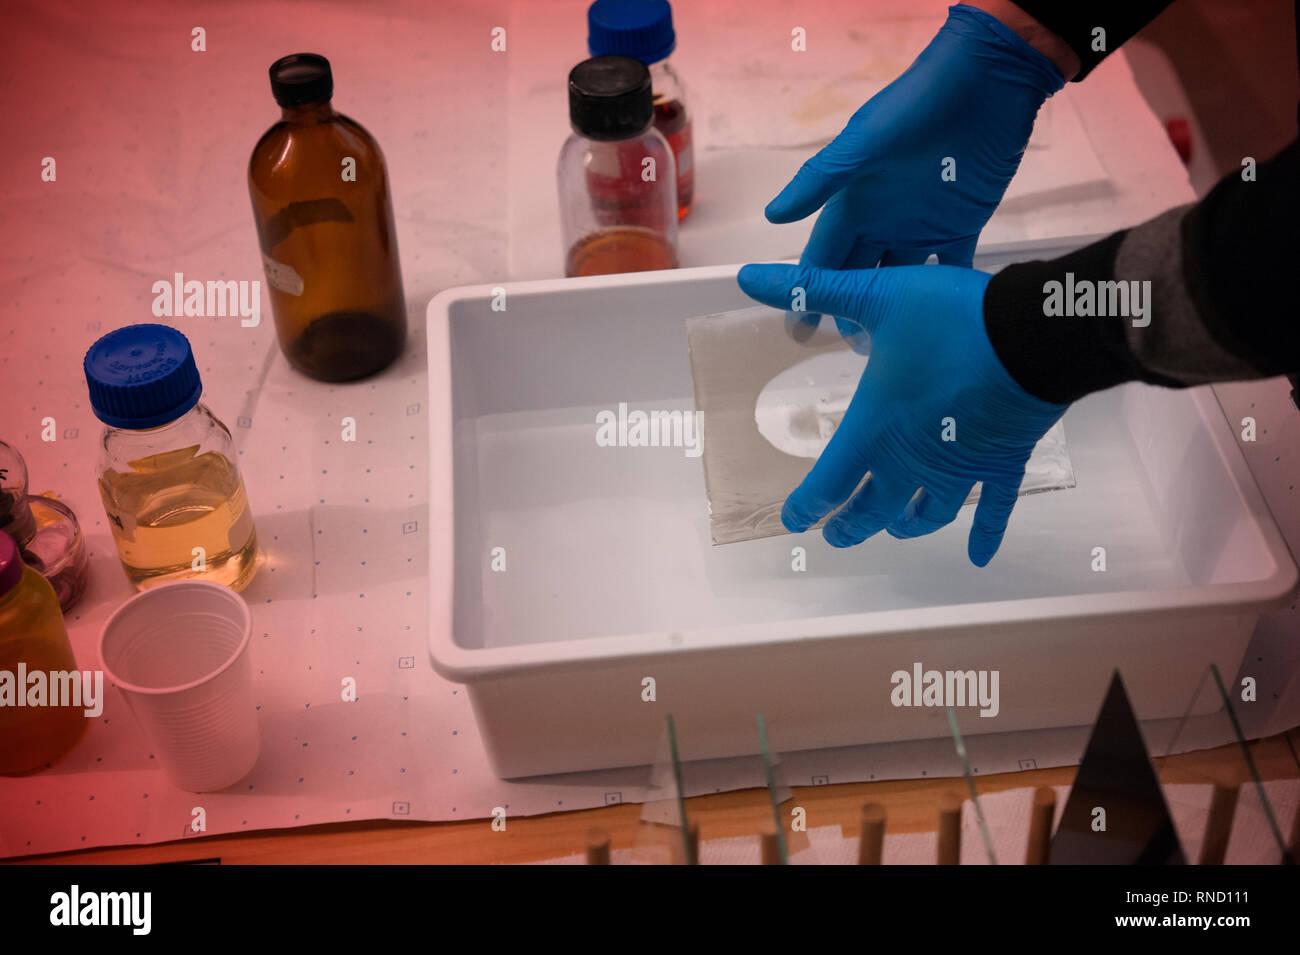 Fotograf taucht ein Ambrotype in einer chemischen Lösung. Nassen Platte collodium Prozess. Darkroom Equipment. Stockbild